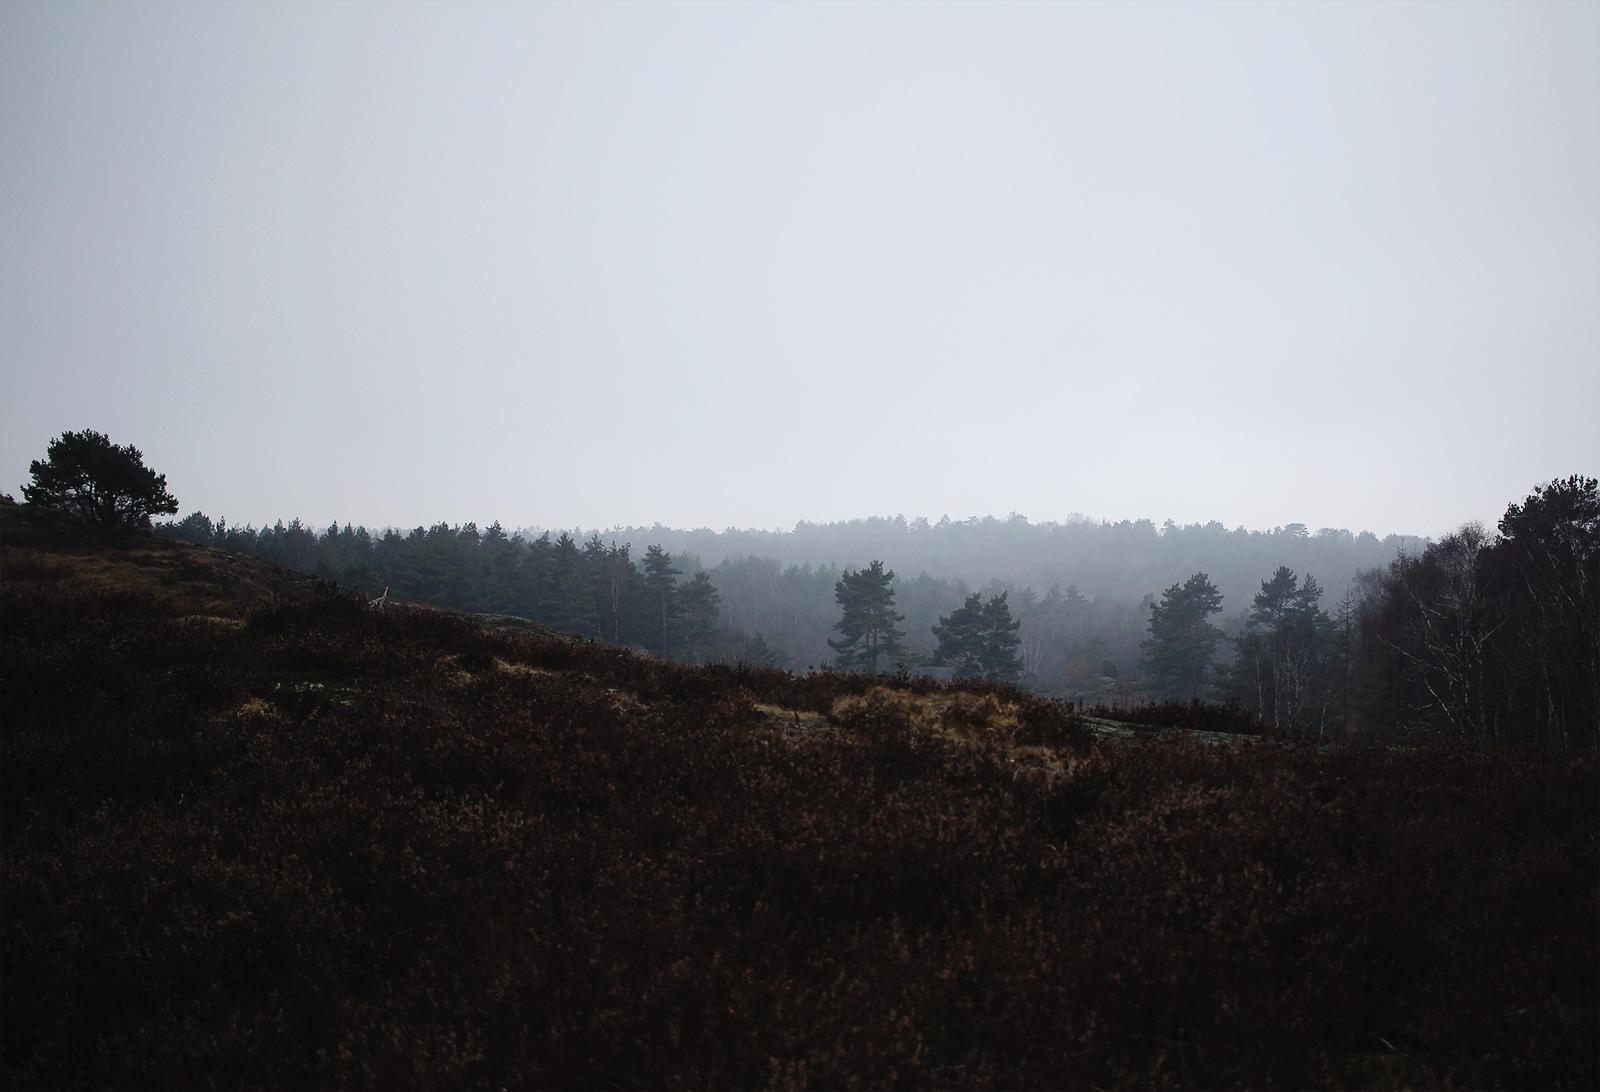 anggardsbergen-april-11